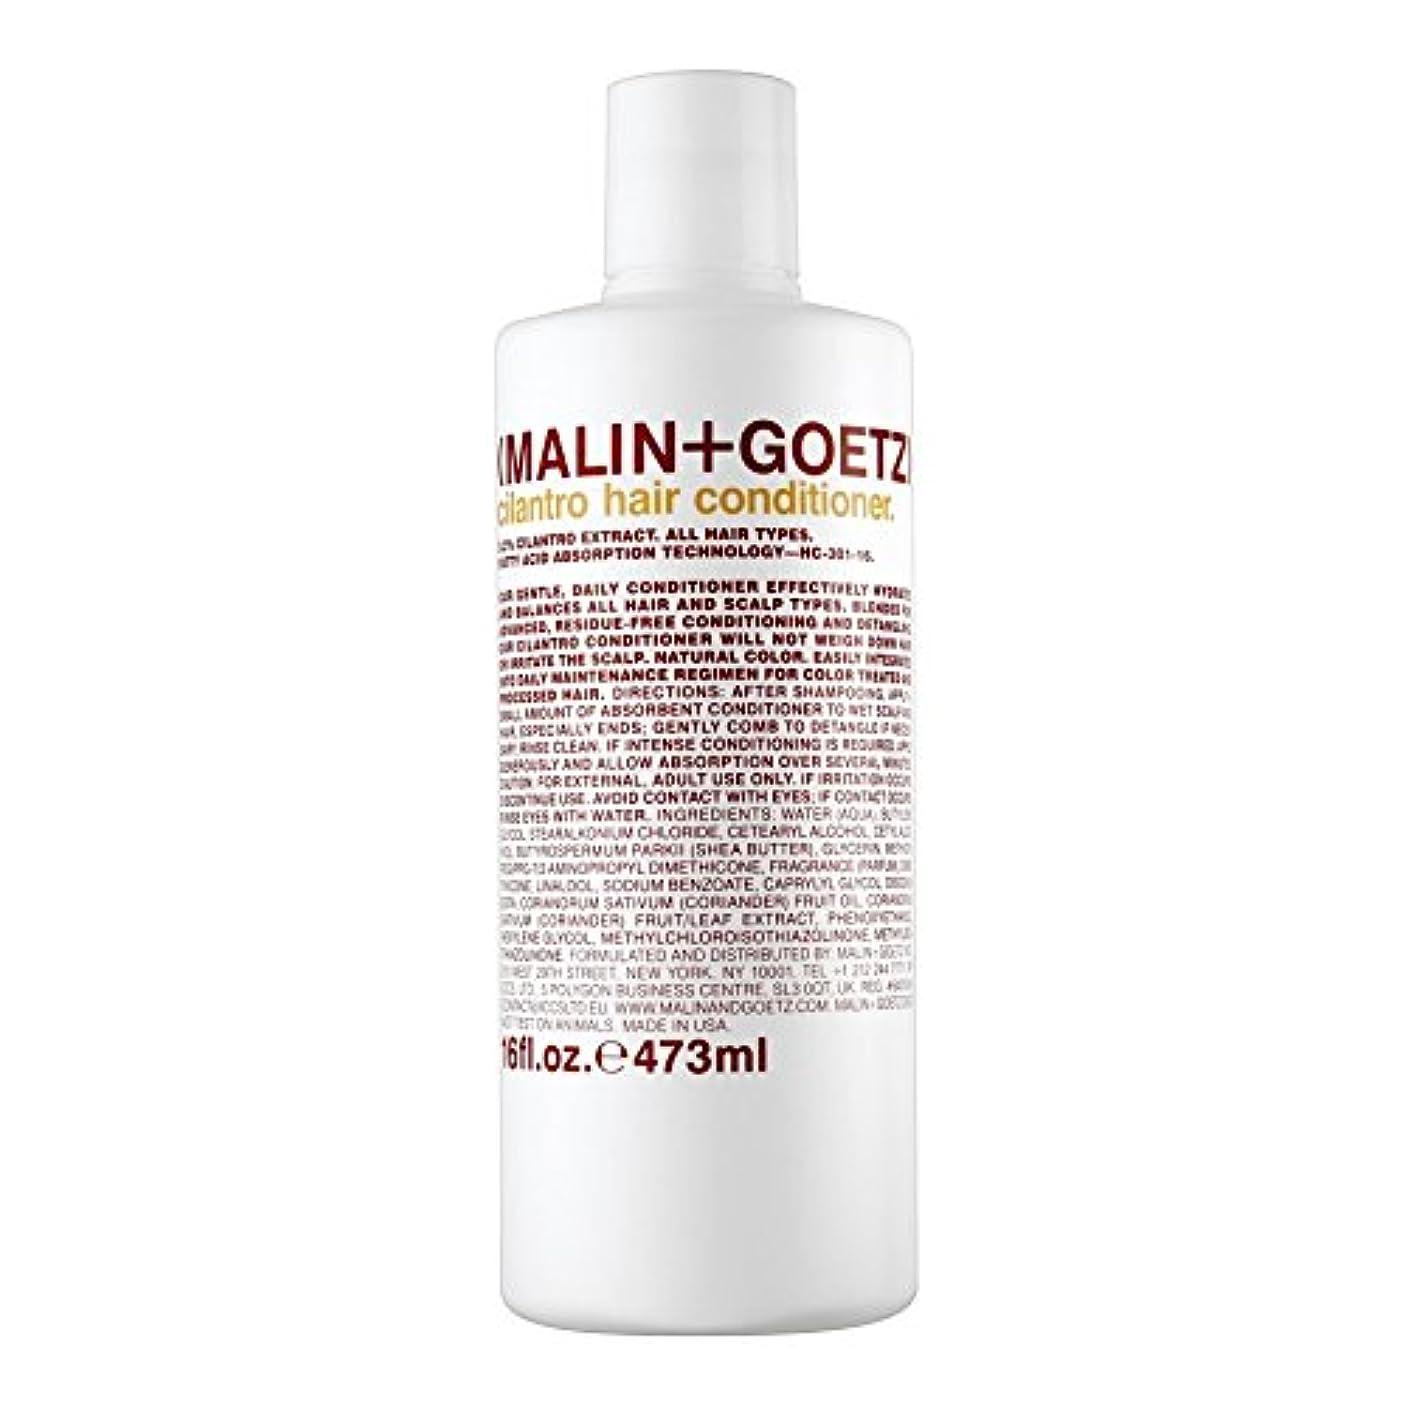 インタネットを見るパイプライン真鍮マリン+ゲッツコリアンダーのヘアコンディショナー473ミリリットル x2 - MALIN+GOETZ Cilantro Hair Conditioner 473ml (Pack of 2) [並行輸入品]